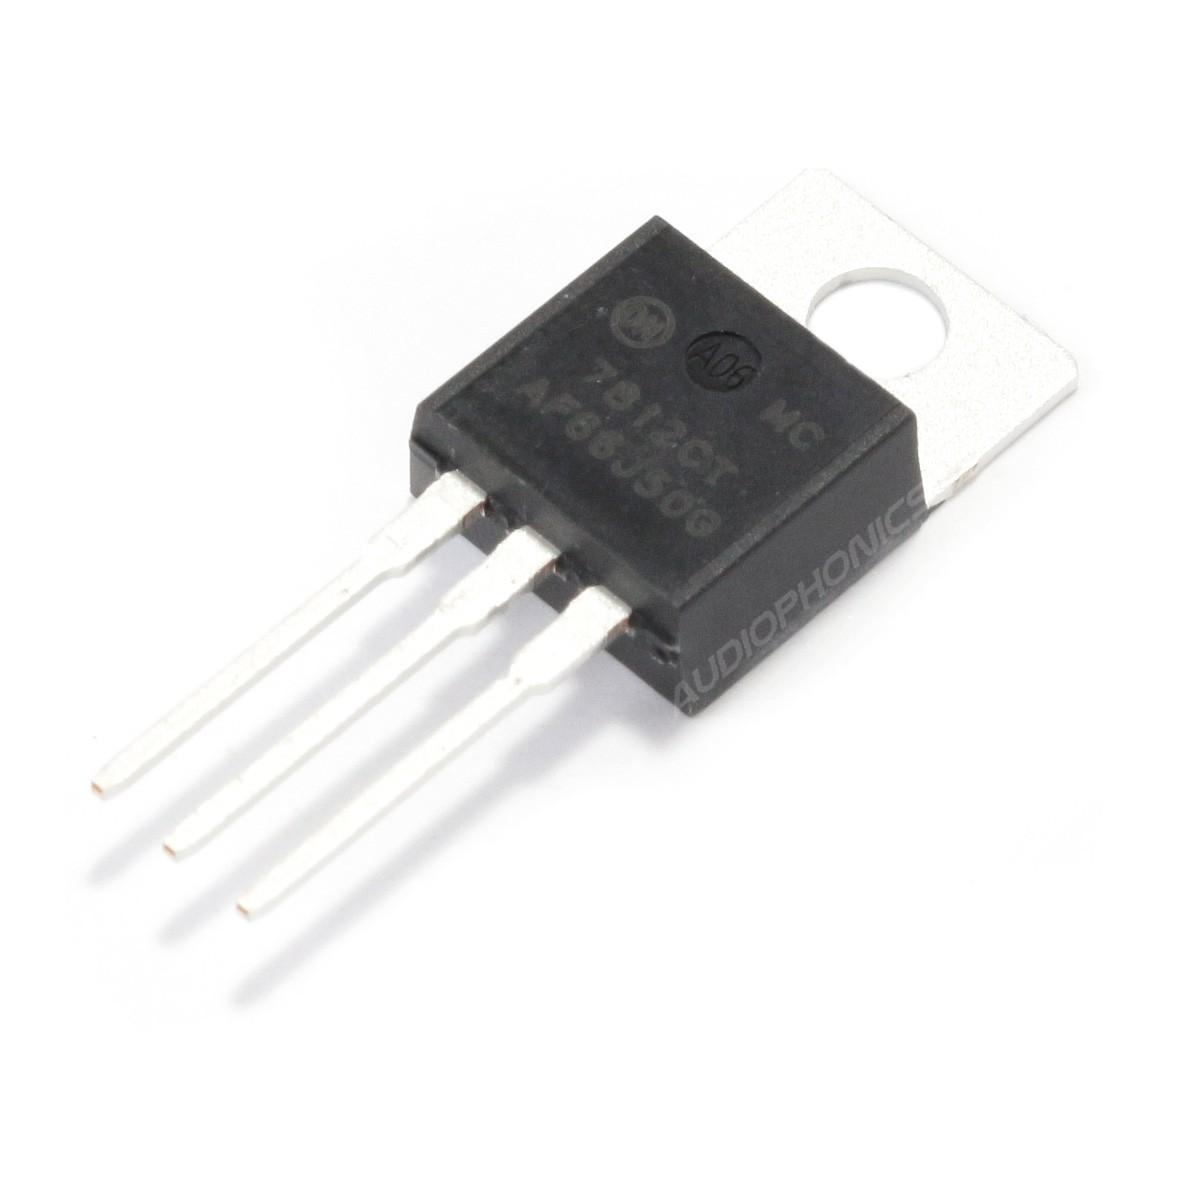 ON MC7812CTG Régulateur de tension 12V 1A (Unité)